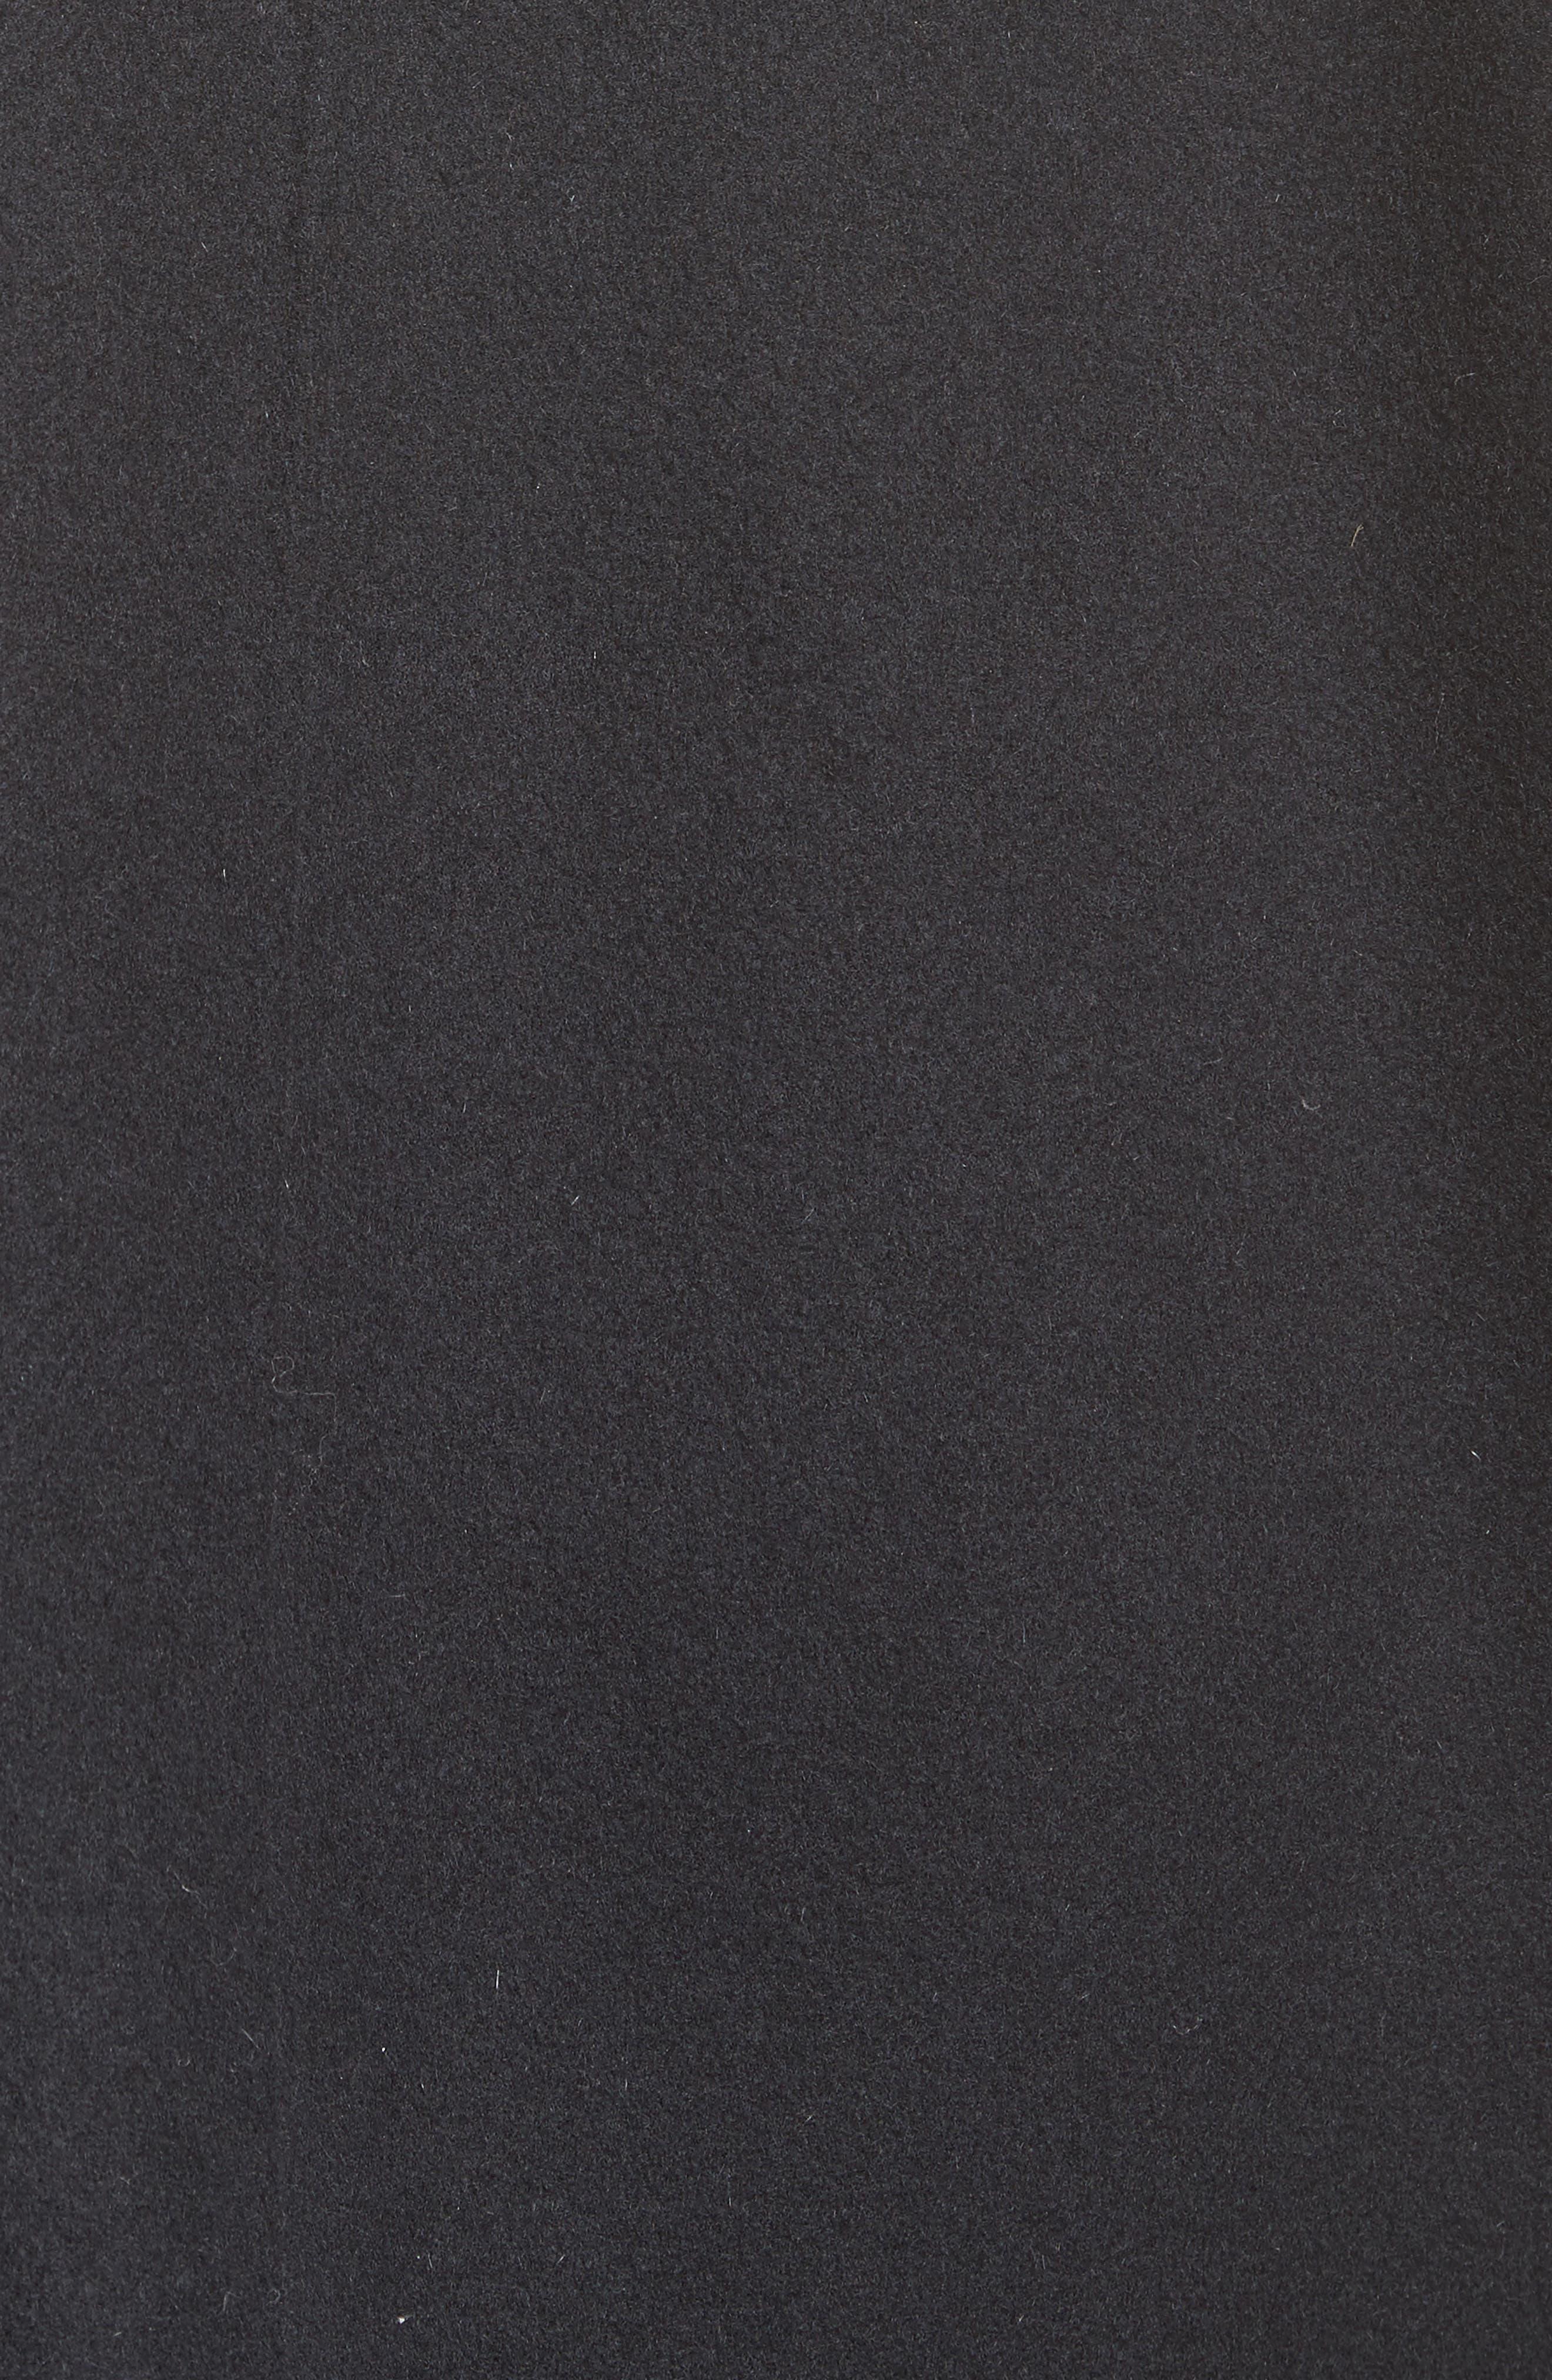 Buxus Wool & Cashmere Coat with Removable Genuine Fox Fur Trim Vest,                             Alternate thumbnail 6, color,                             001